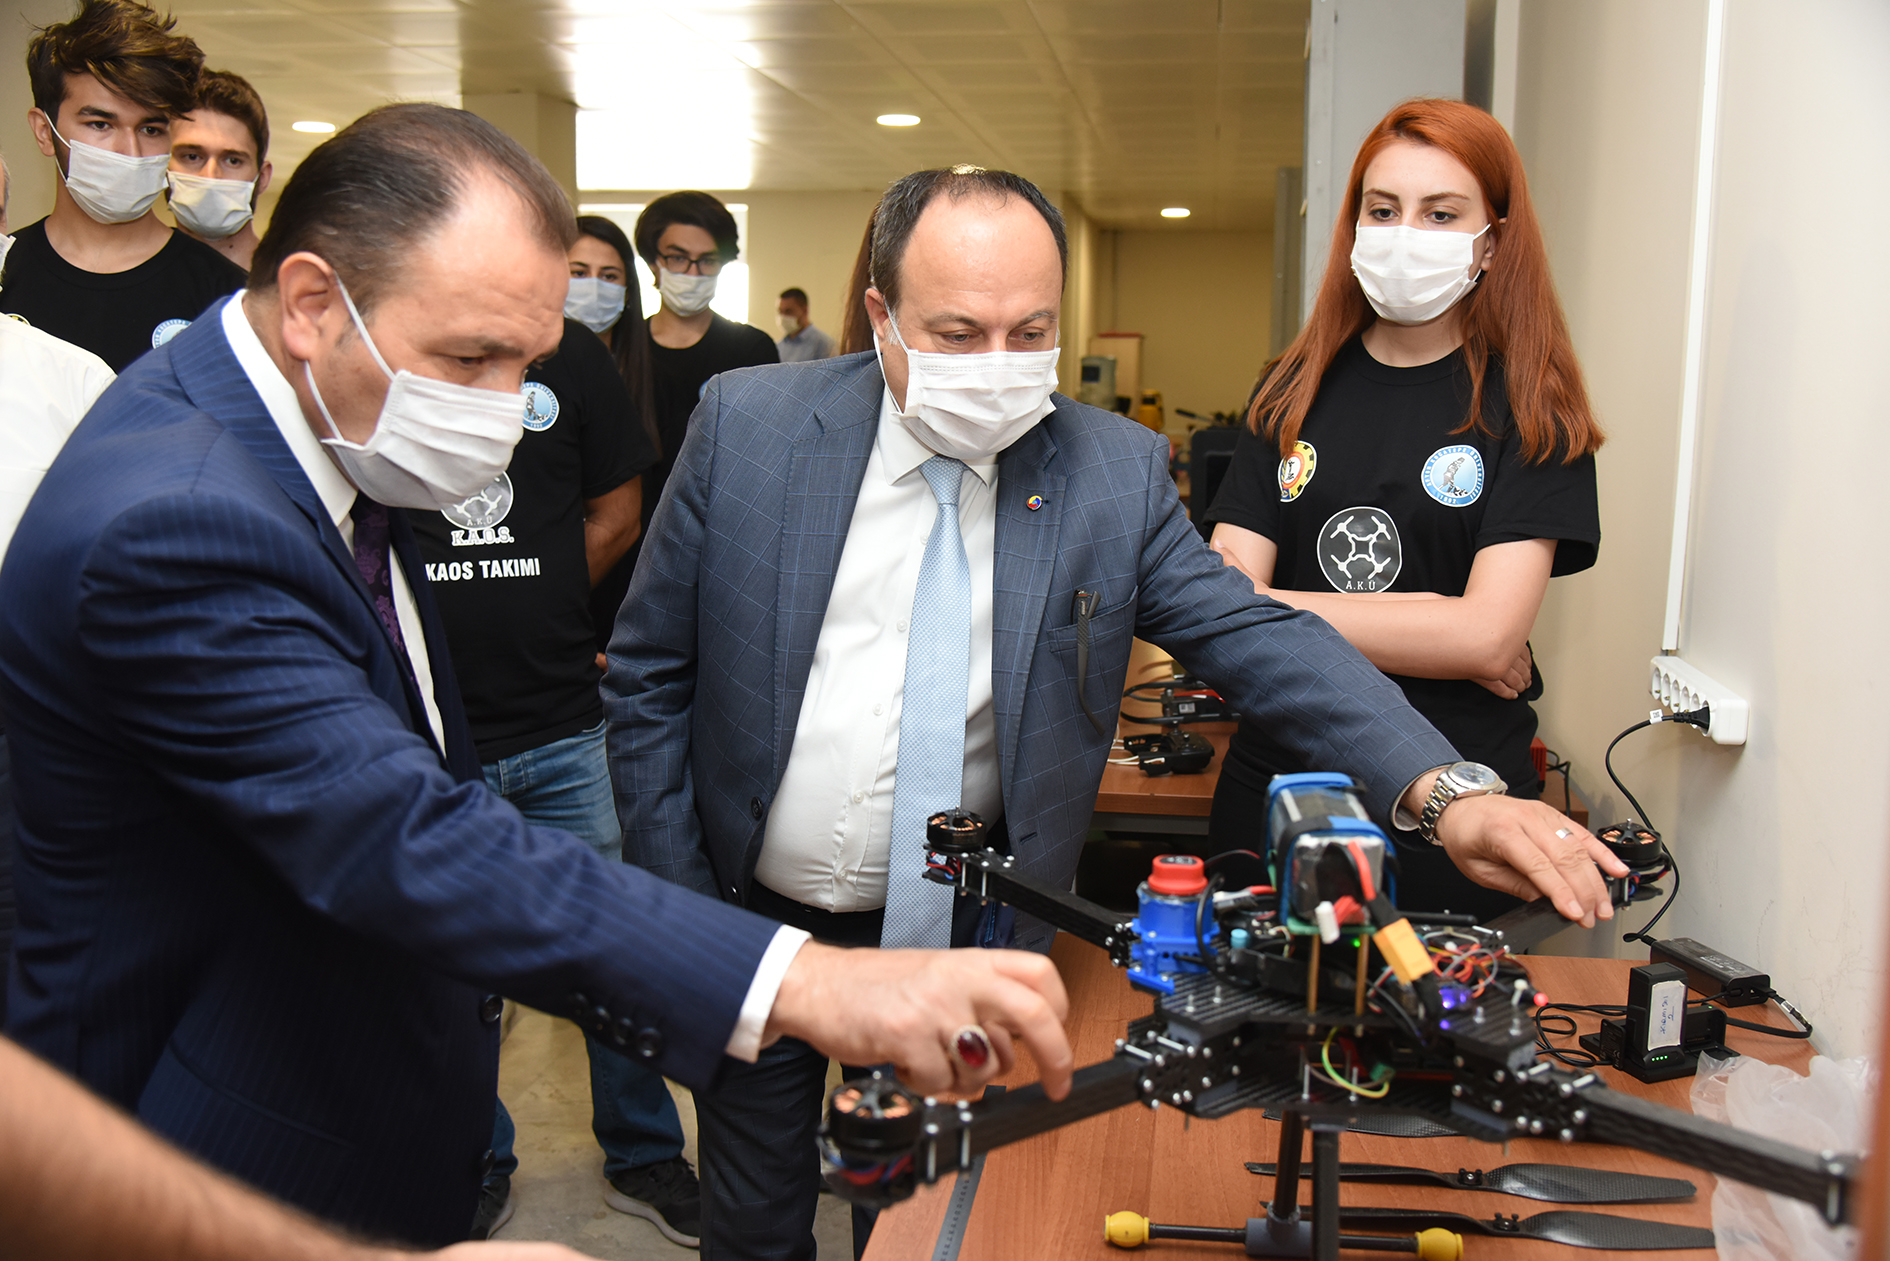 Rektör Karakaş ve ATSO Yönetim Kurulu Başkanı Serteser'den K.A.O.S. Takımına Ziyaret